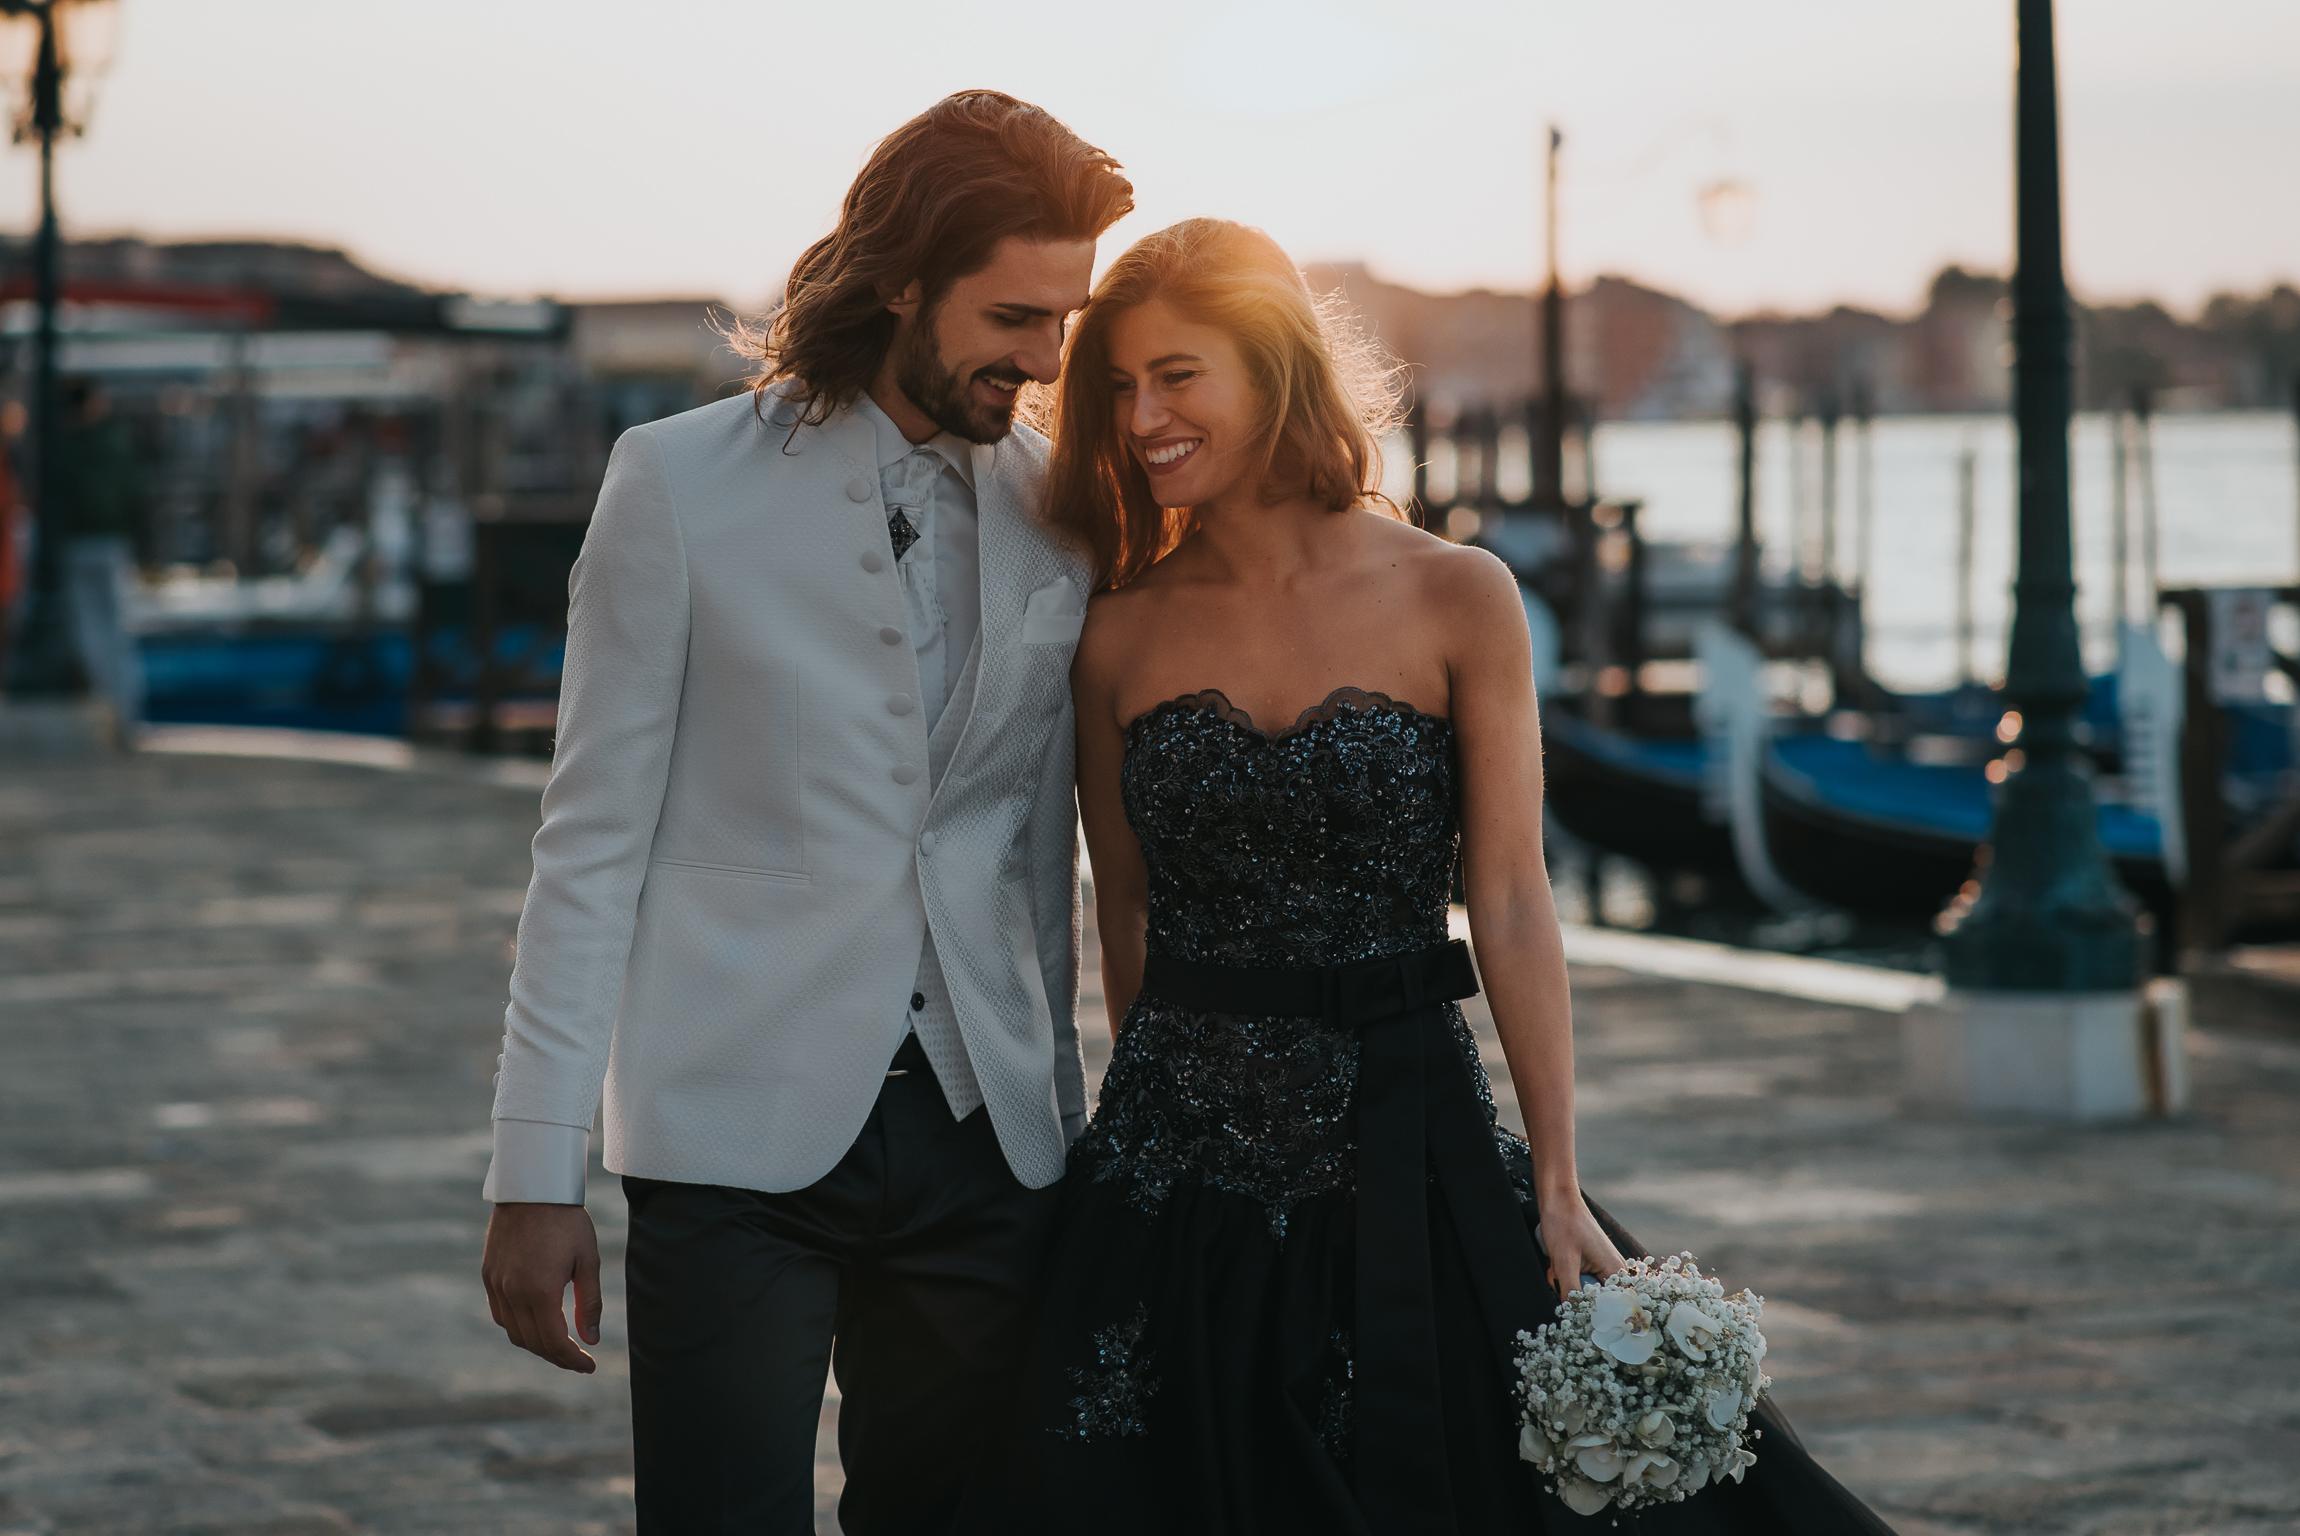 Servizio di coppia a Venezia. Serena & David. Il Blog di Michelino Studio, Fotografo di matrimonio in Veneto. Serena-David-3.jpg